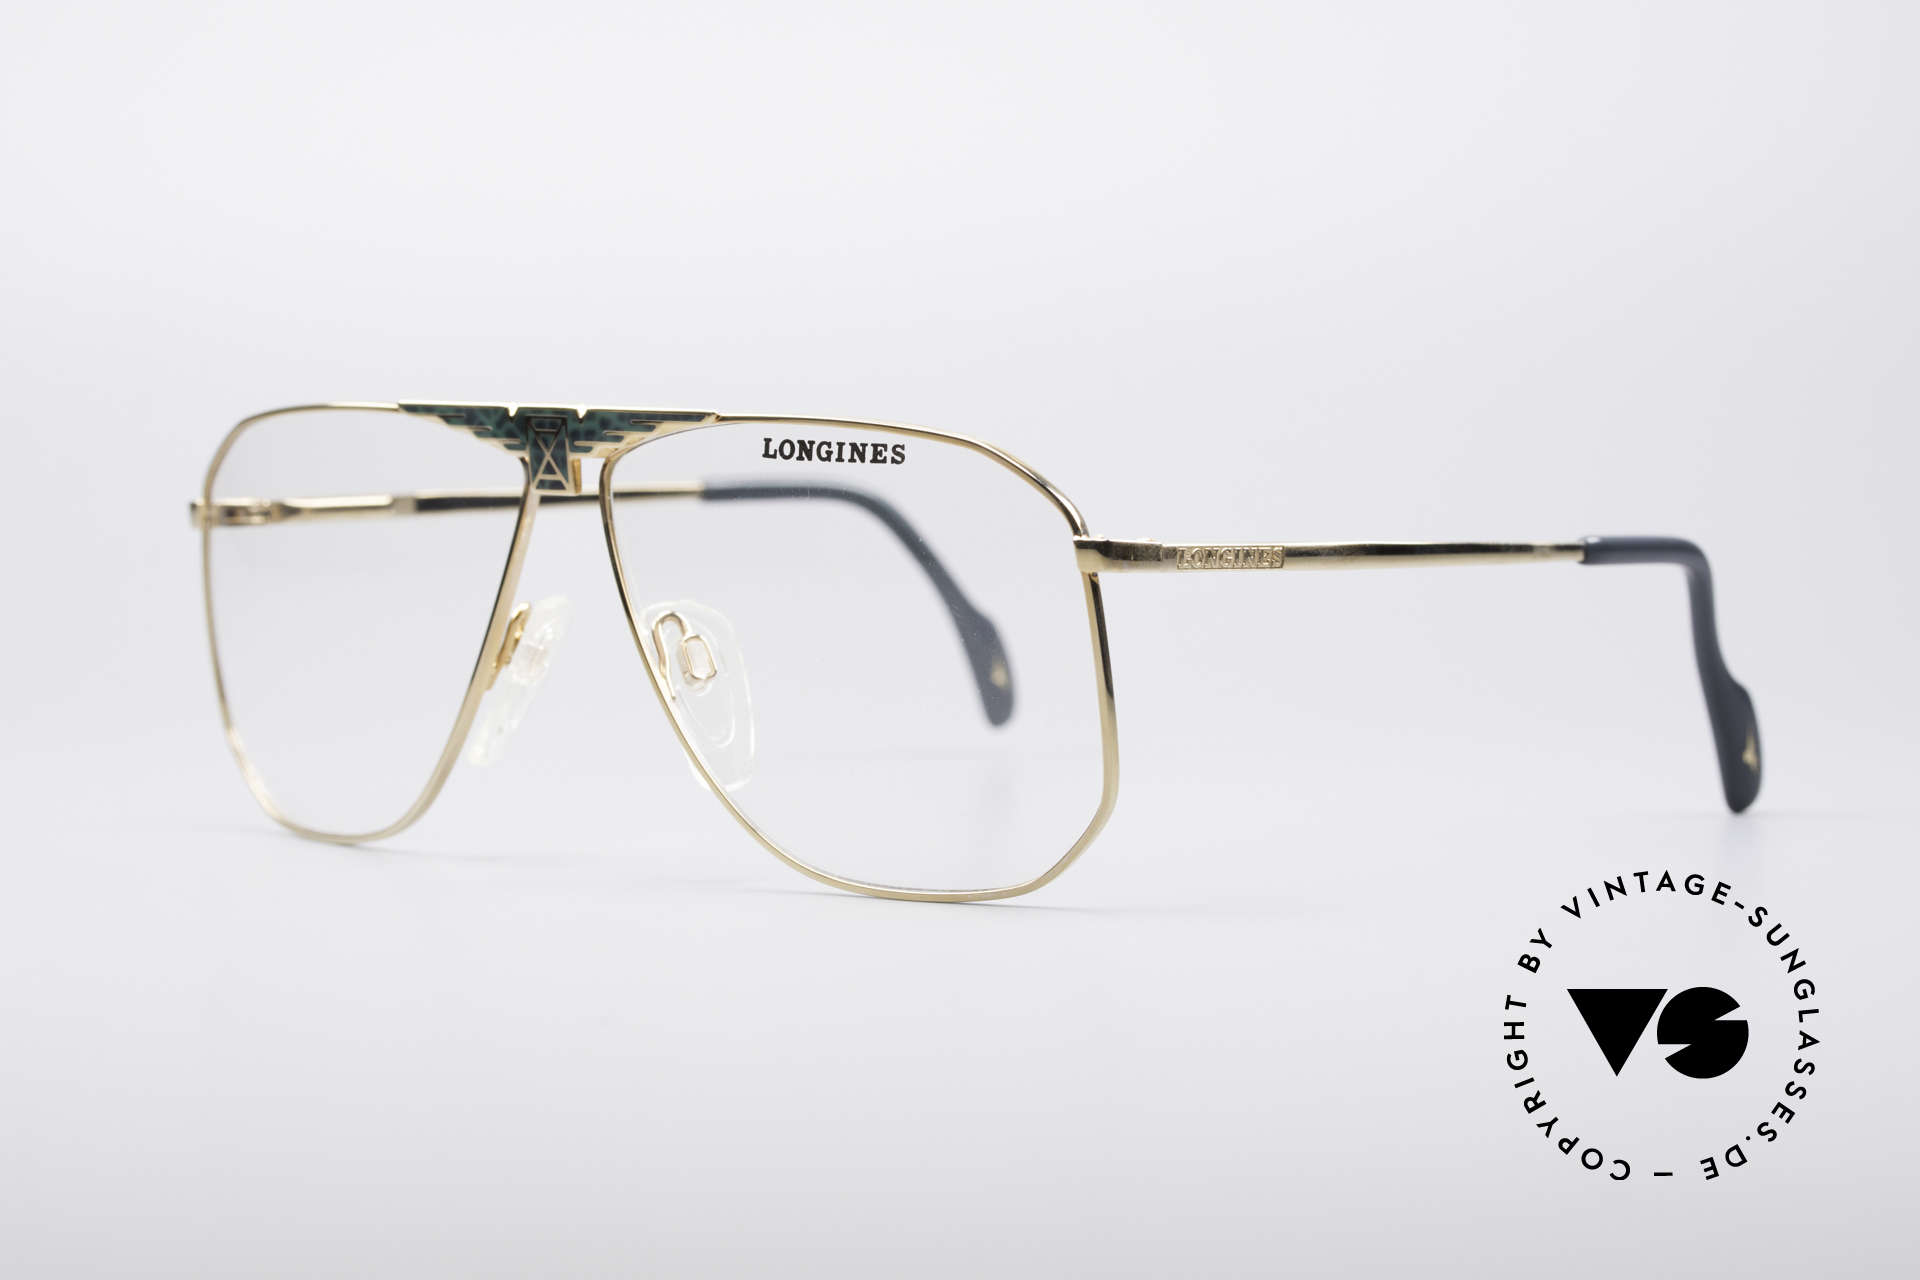 Longines 0155 80er Designer Fassung, für Longines im Traditionshaus Metzler produziert, Passend für Herren